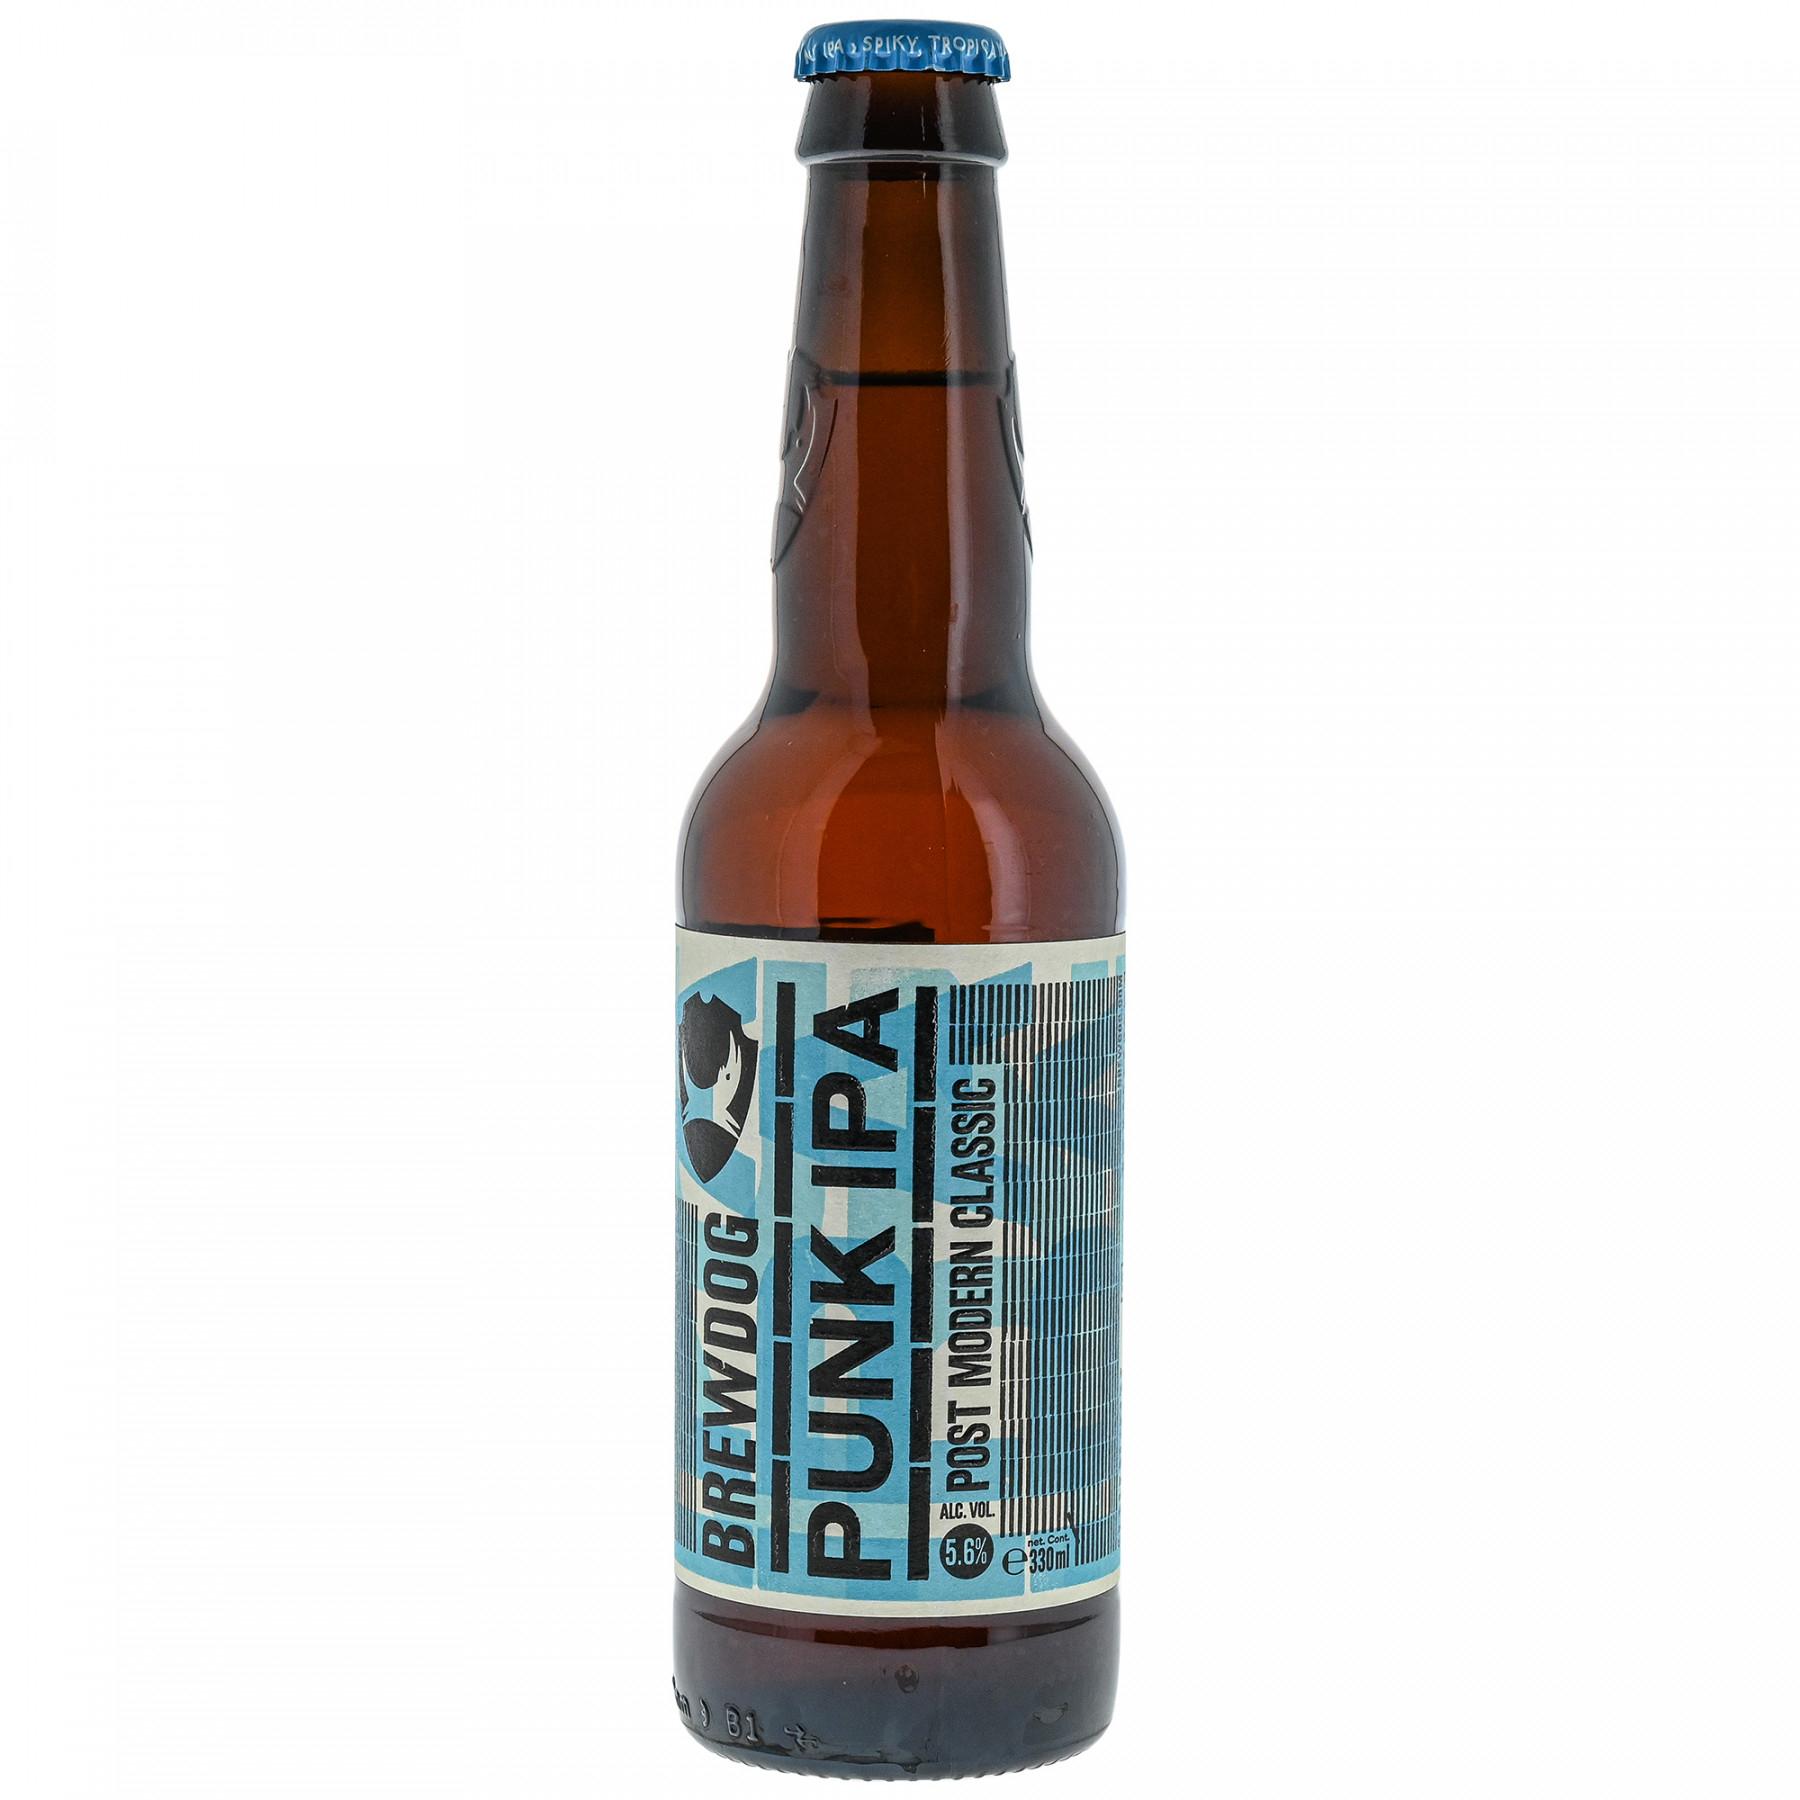 3 Bières Blondes BrewDog Punk Ipa - 33cl